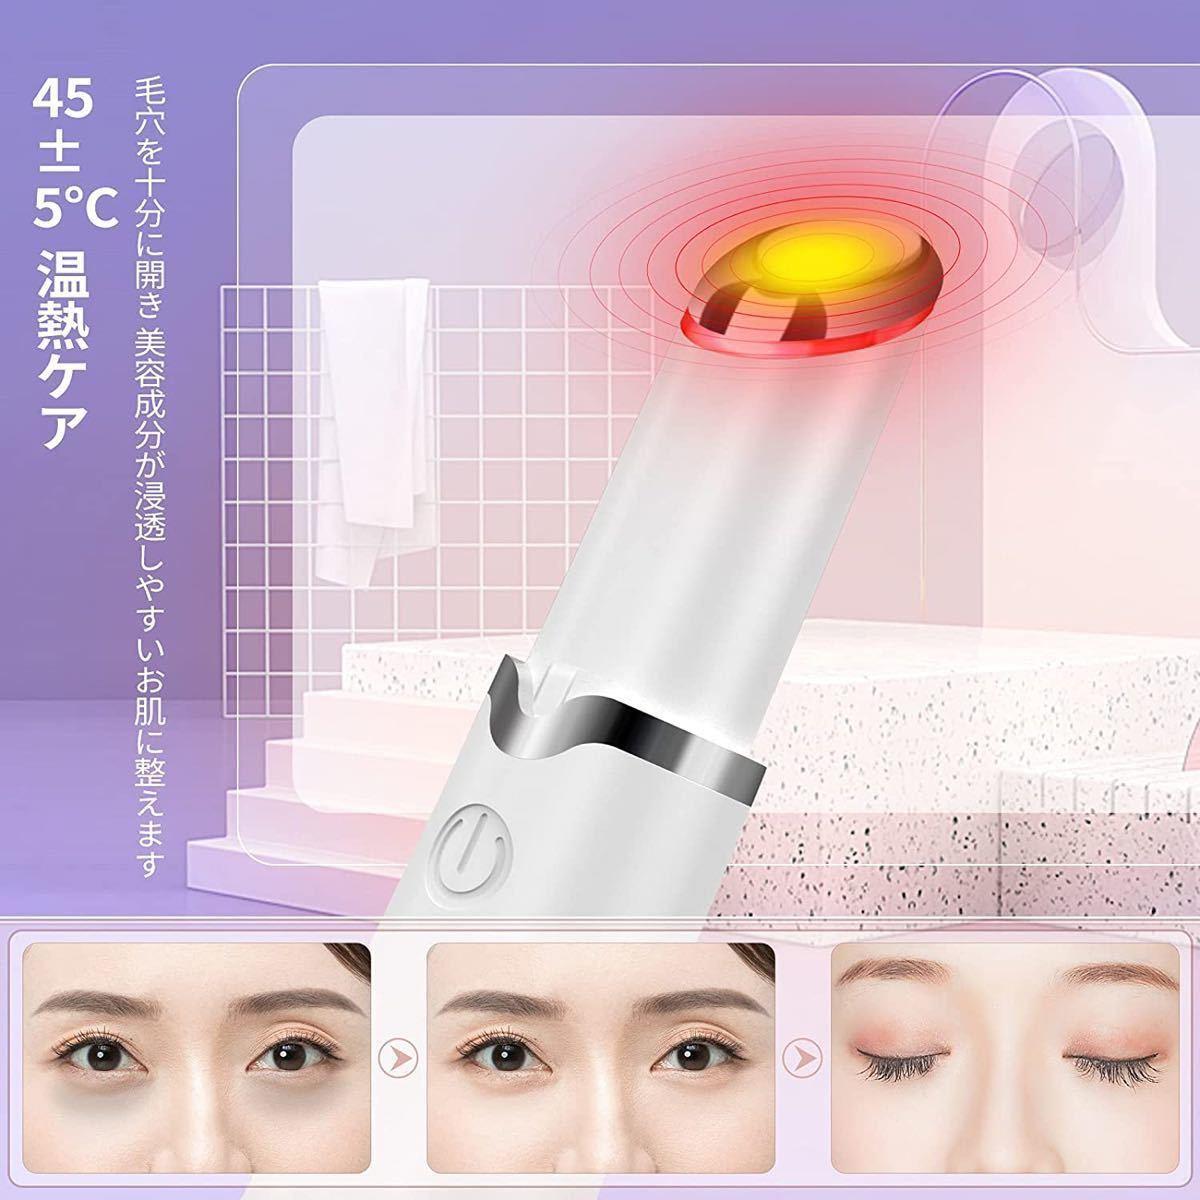 目元ケア 美顔器 イオン導入 温熱ケア 超音波振動 目元エステ 口元ケア